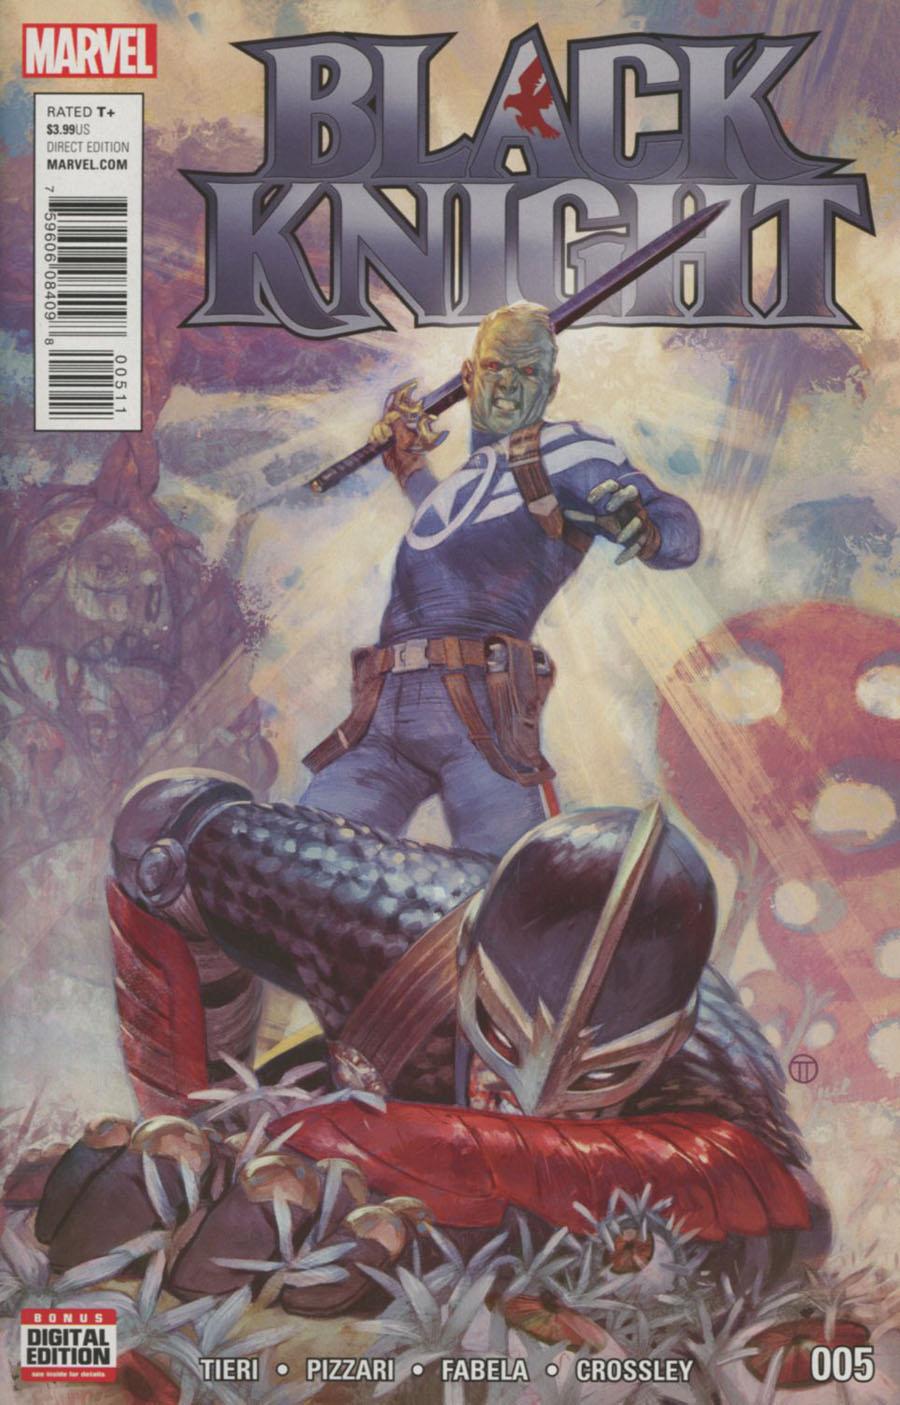 Black Knight Vol 4 #5 Cover A Regular Julian Totino Tedesco Cover